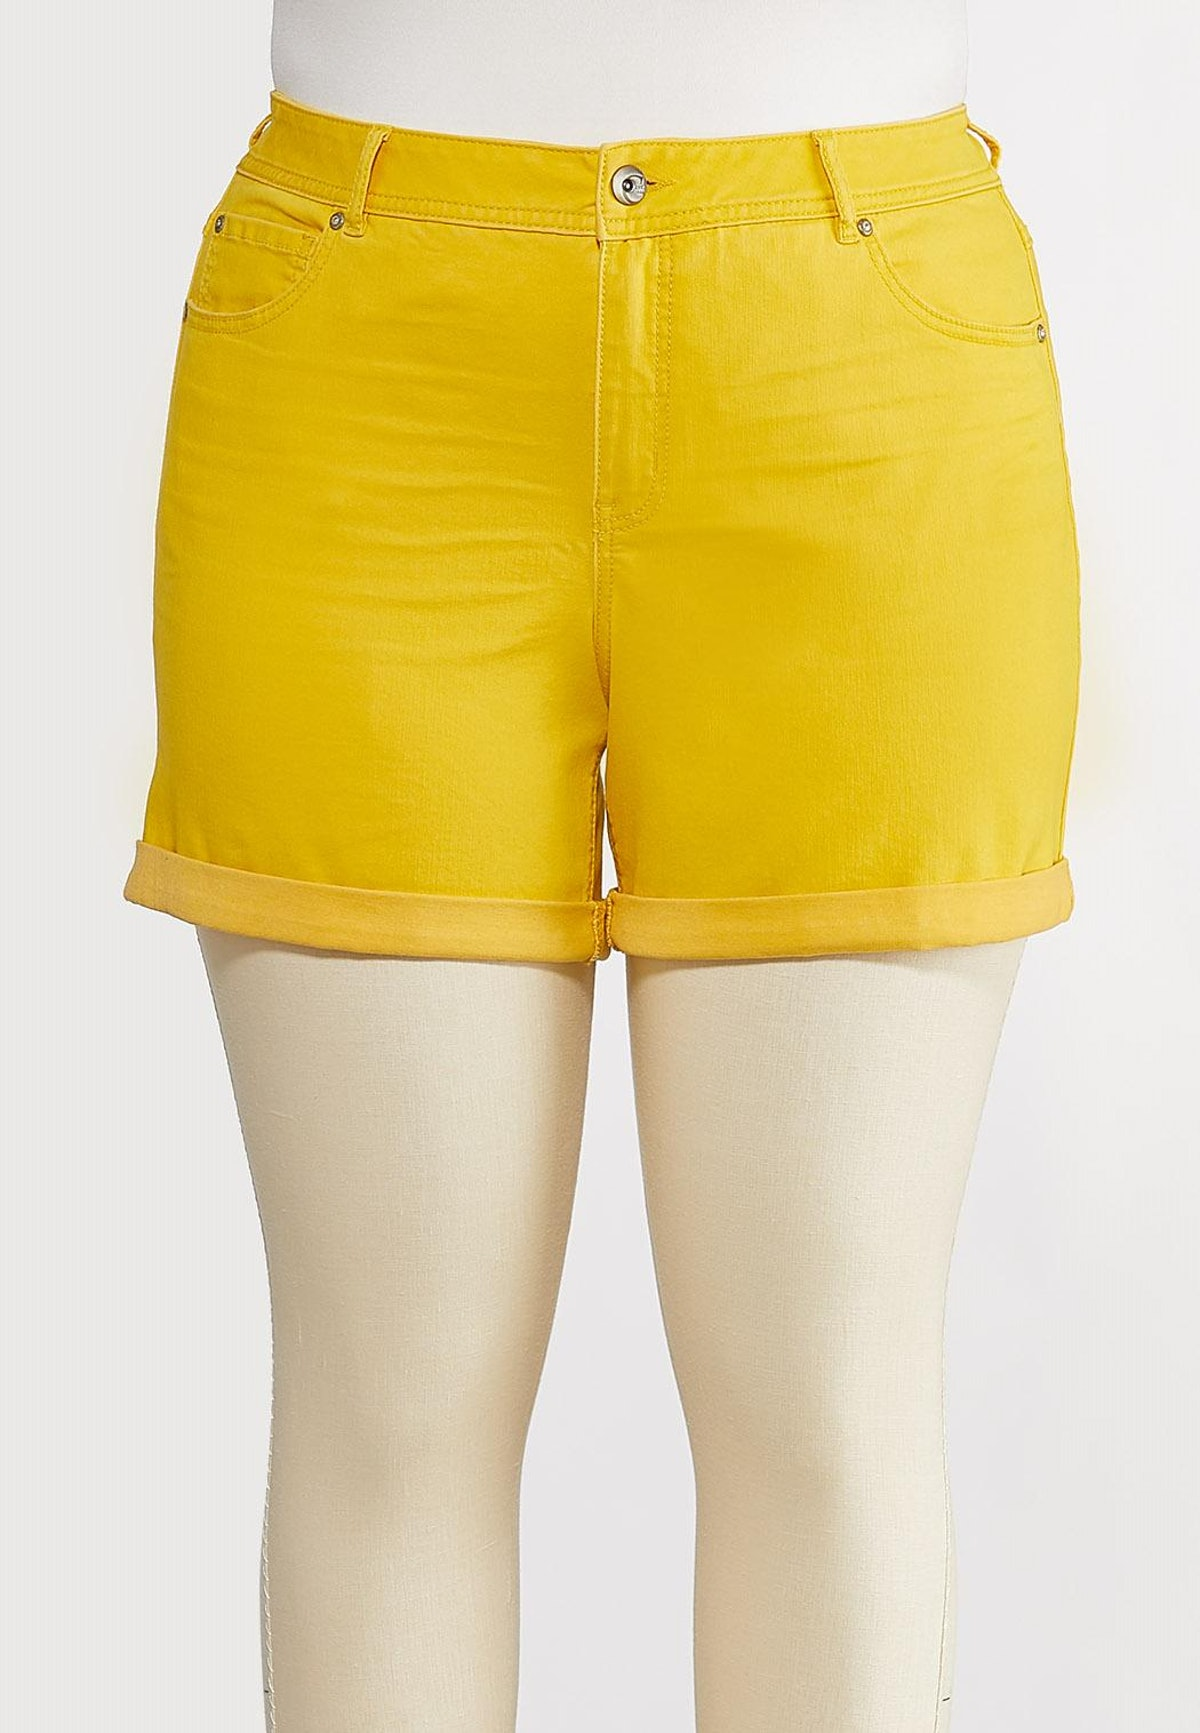 Cato Fashions Plus Size Colored Denim Shorts